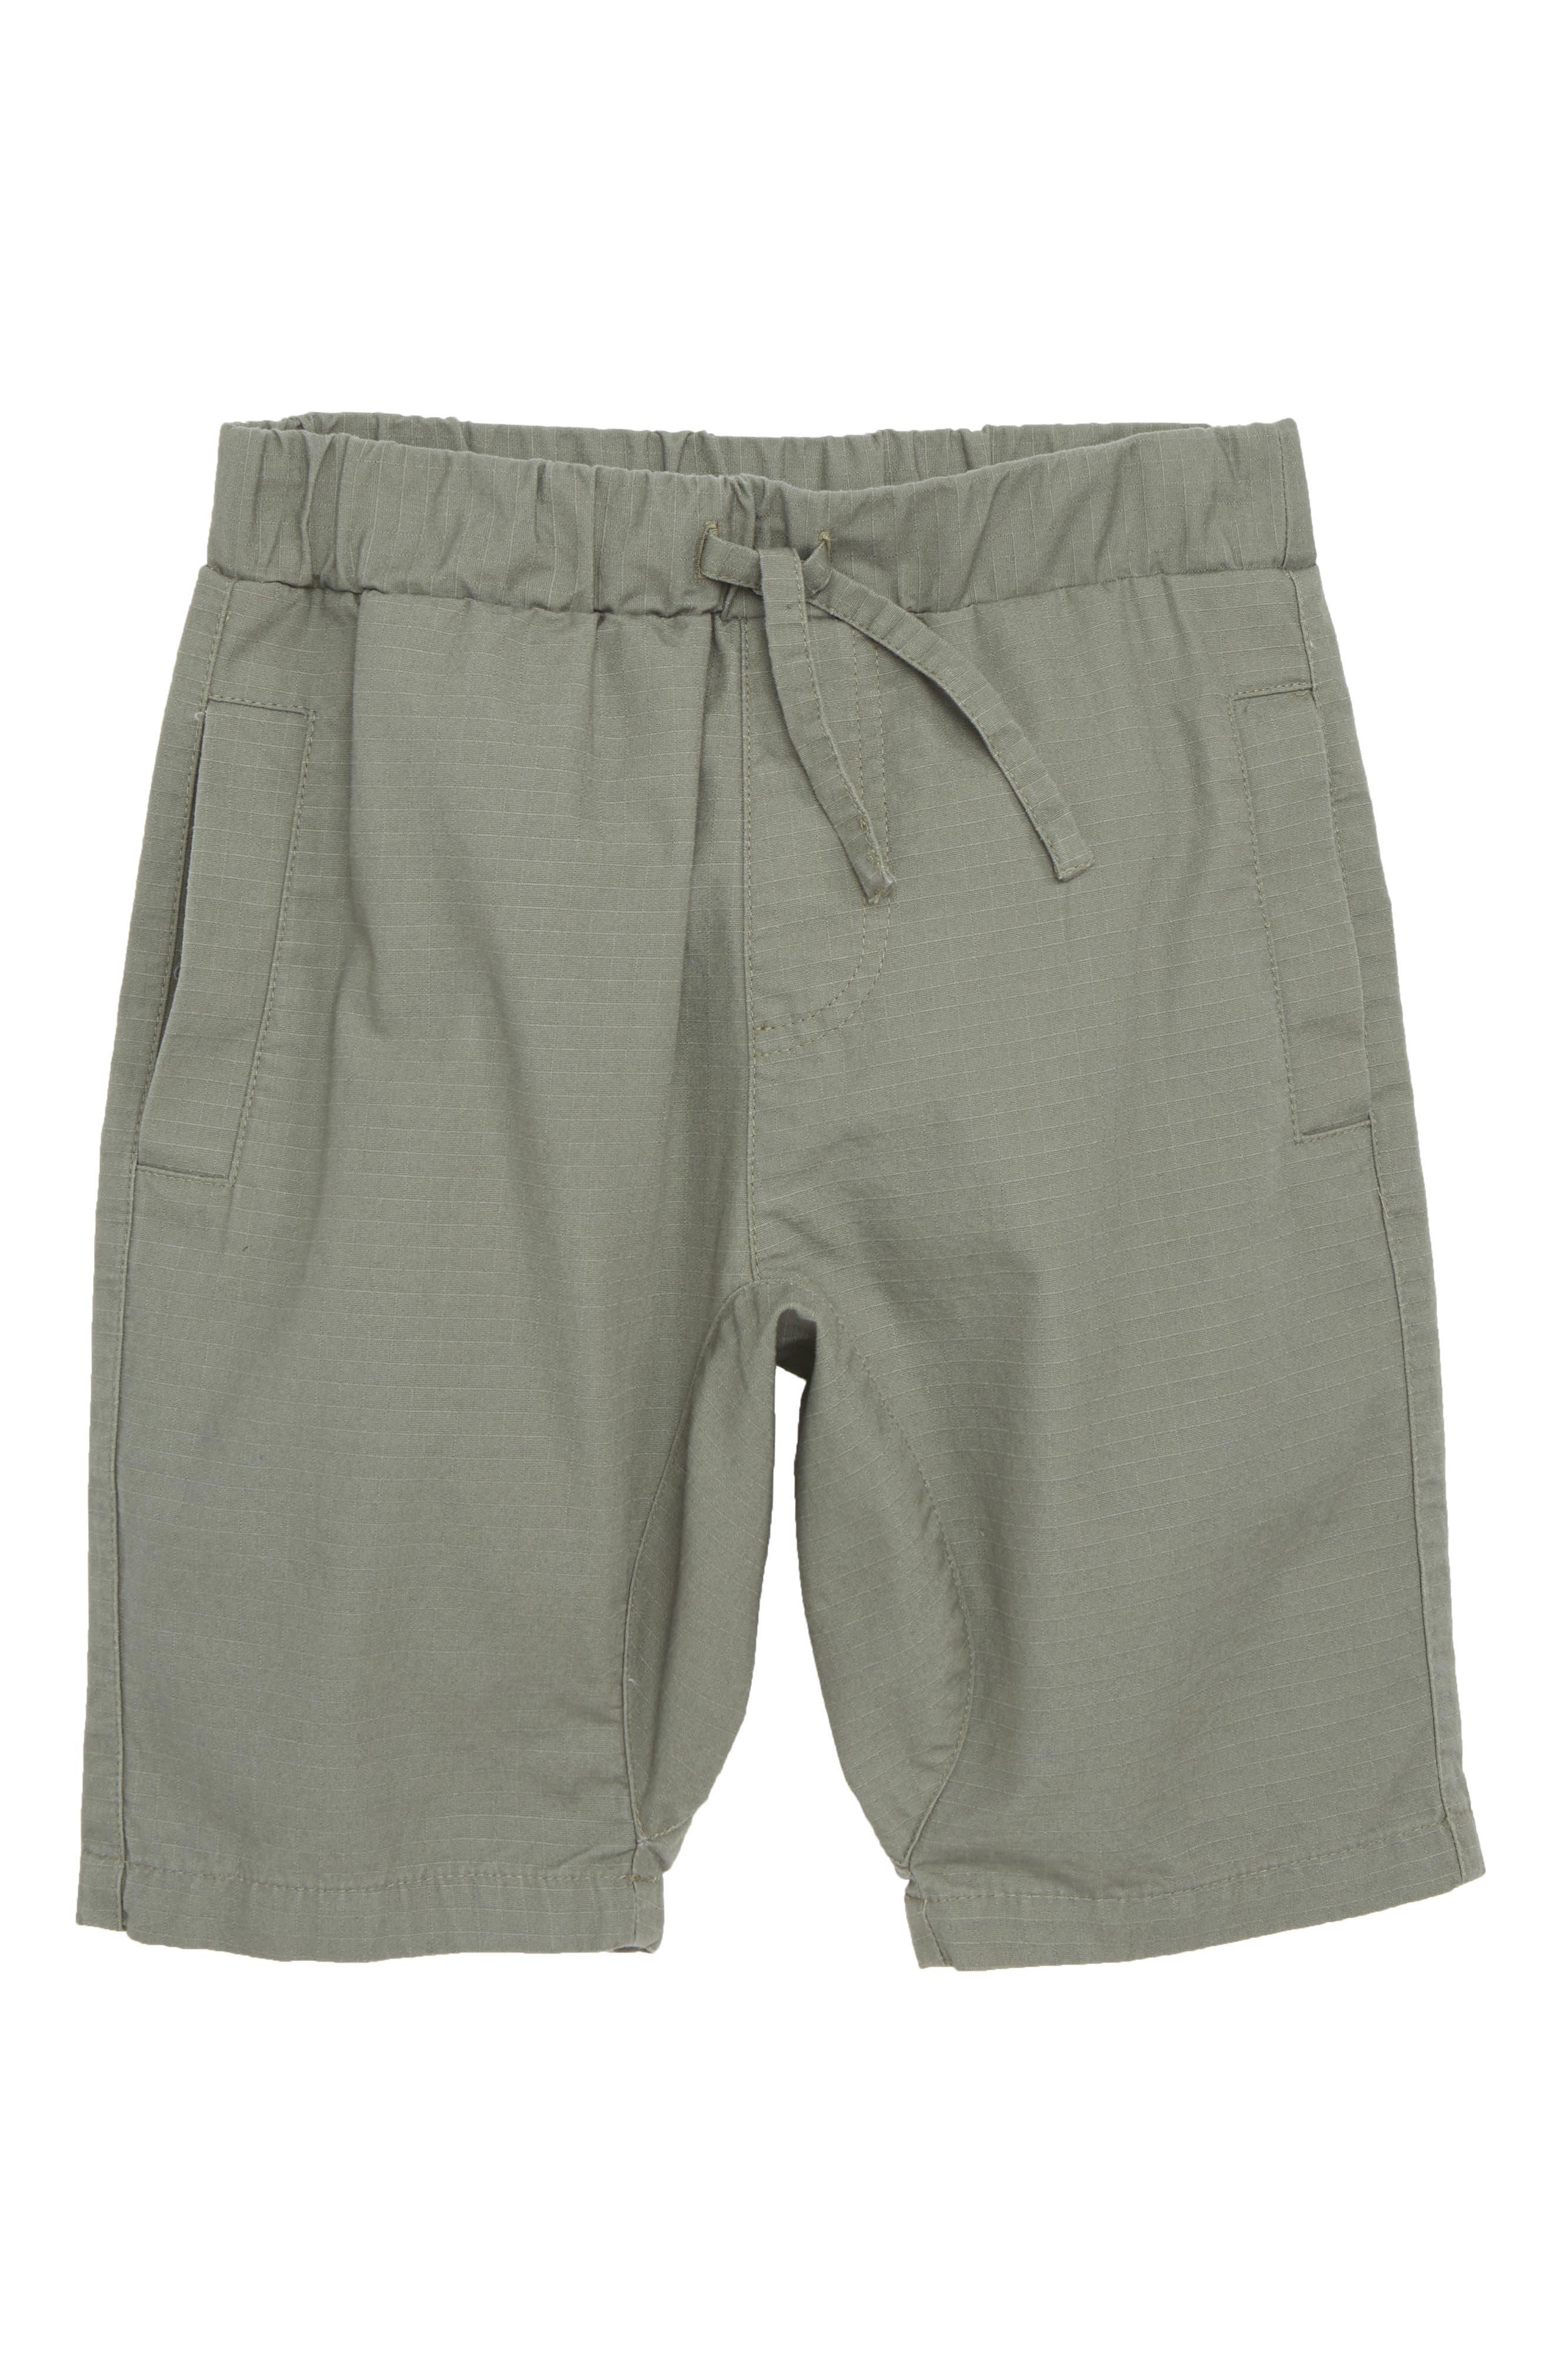 Ripstop Shorts,                             Main thumbnail 1, color,                             Green Agave